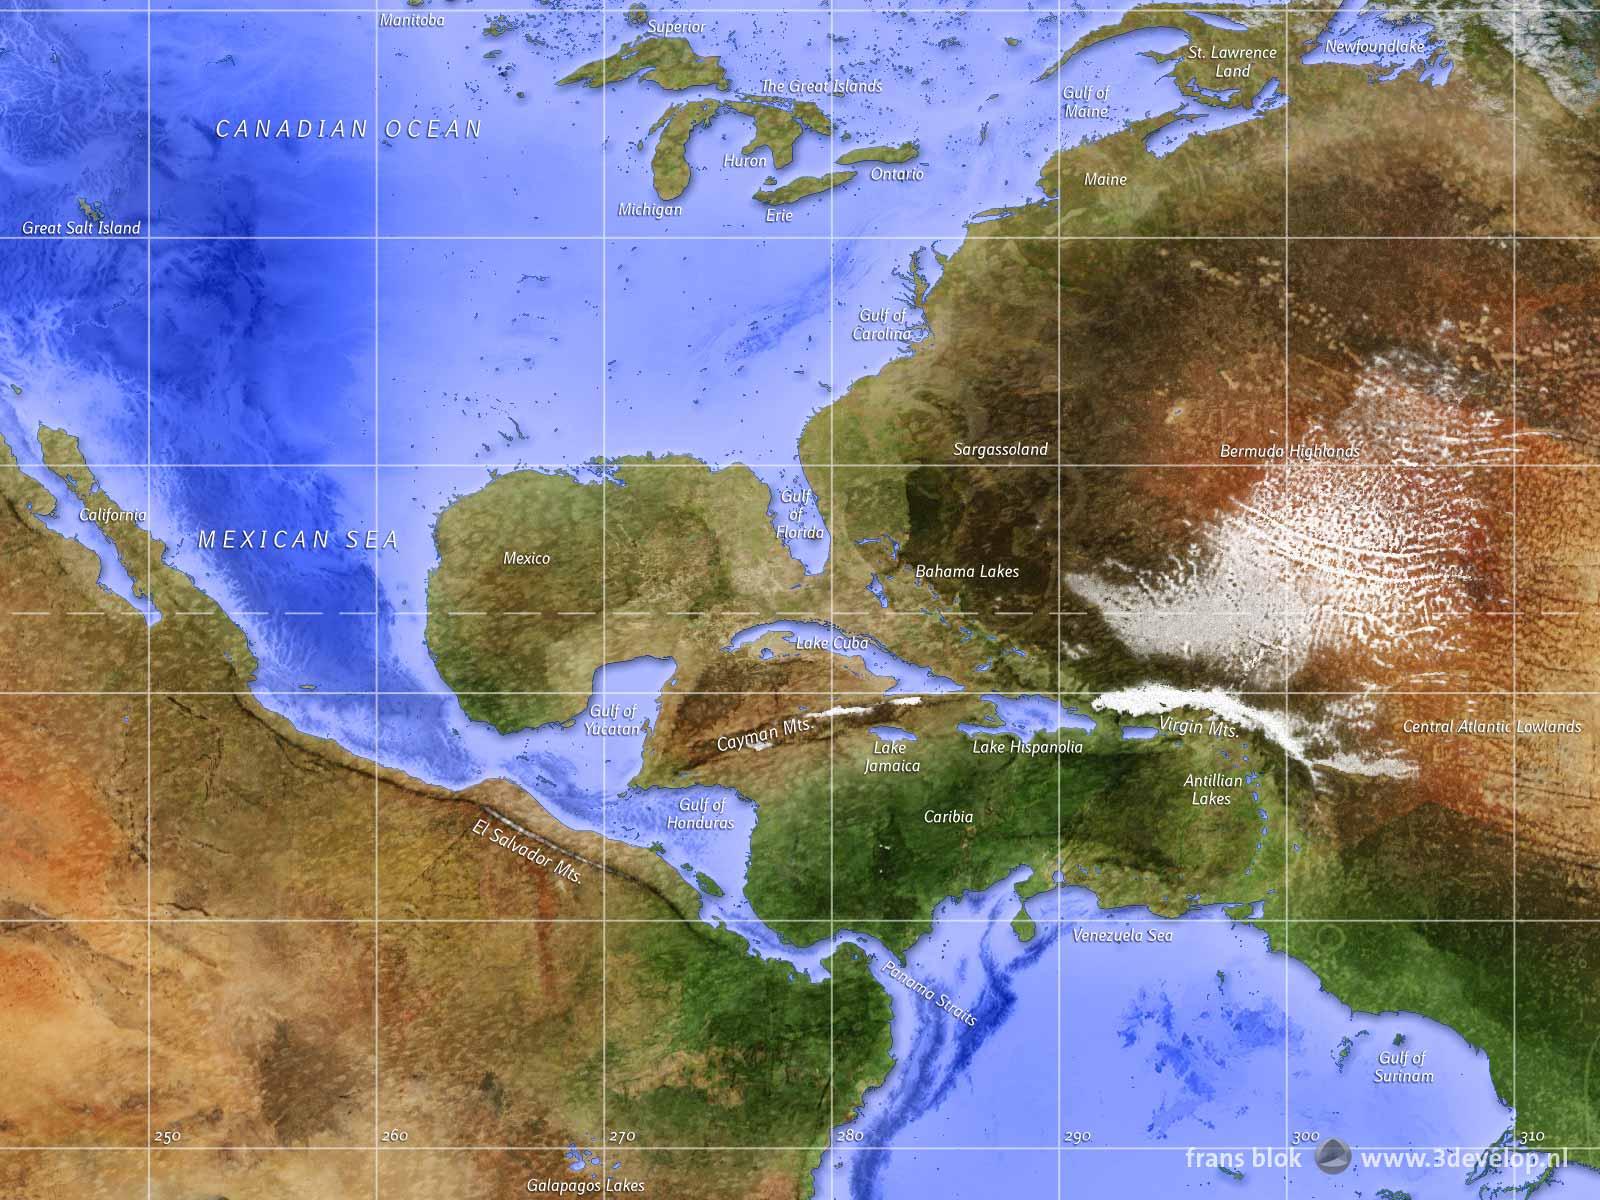 Fragment van de omgekeerde wereldkaart - land en zee zijn omgewisseld - met het gebied rond Caribie en de Amerikaanse Oceanen